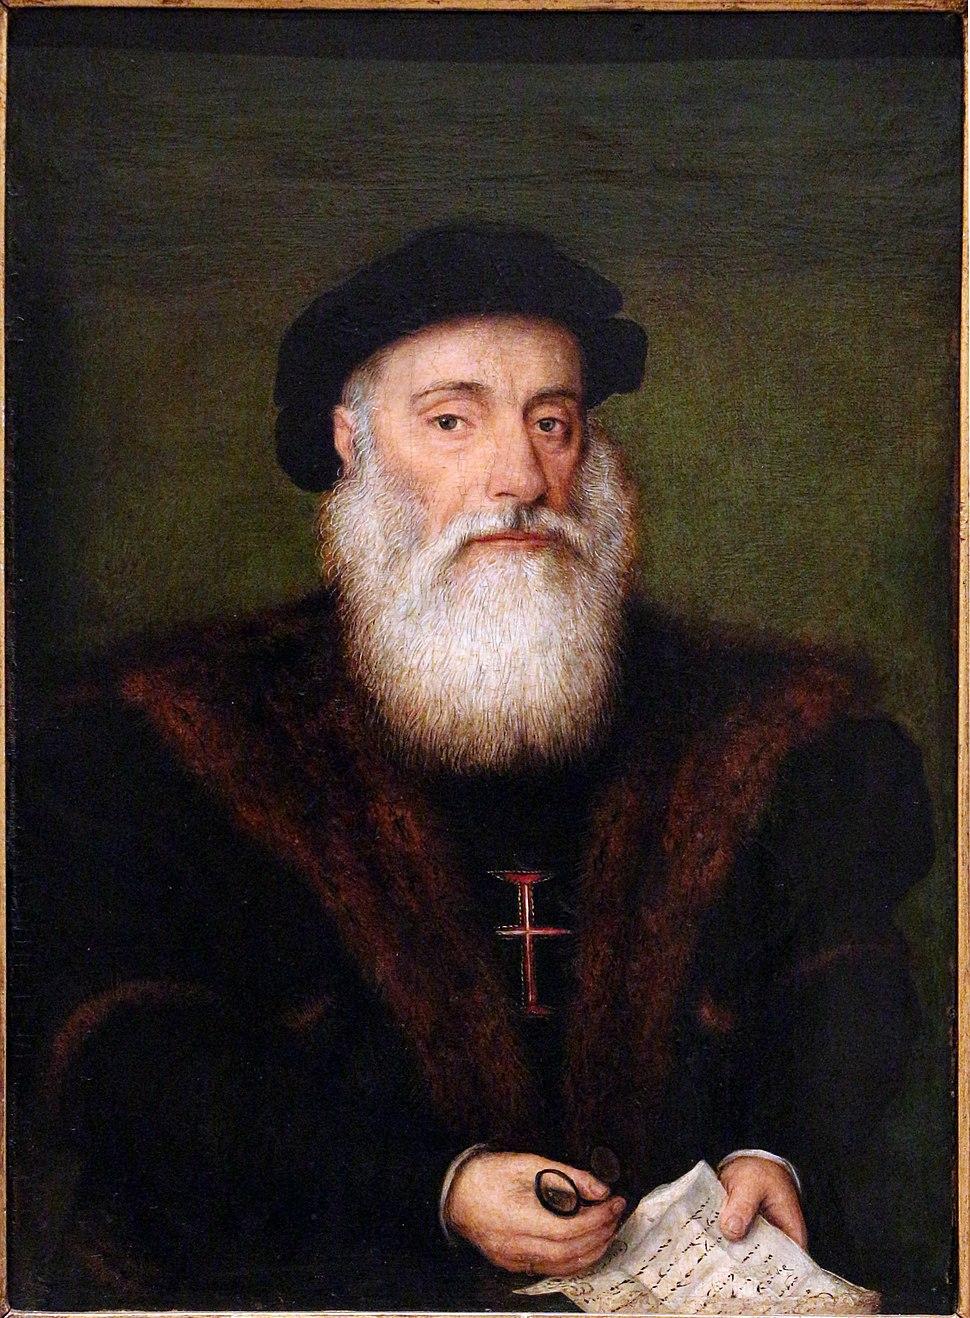 Ignoto portoghese, ritratto di un cavaliere dell'ordine di cristo, 1525-50 ca. 02